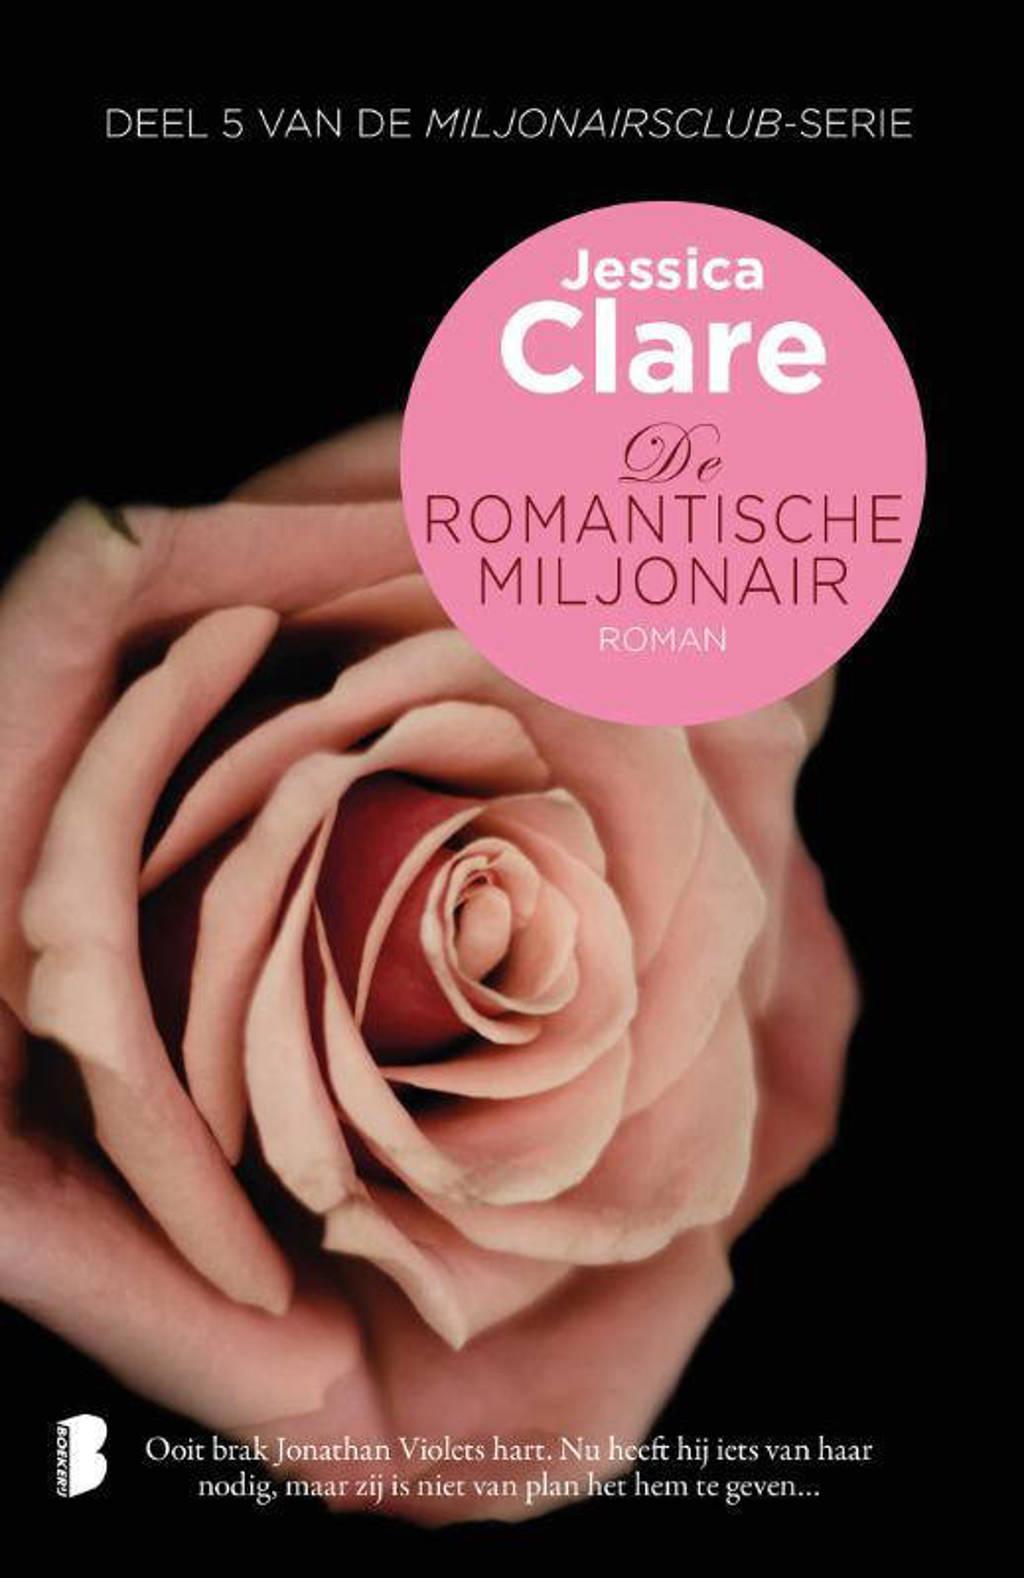 Miljonairsclub: De romantische miljonair - Jessica Clare